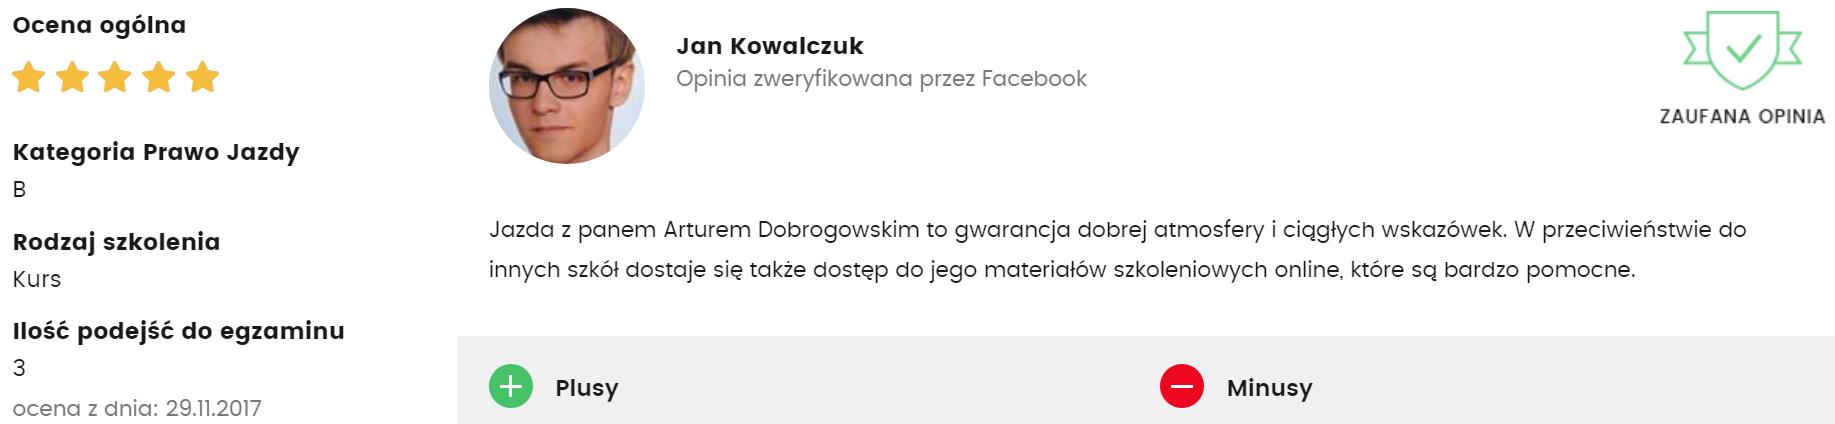 jan kowalczuk